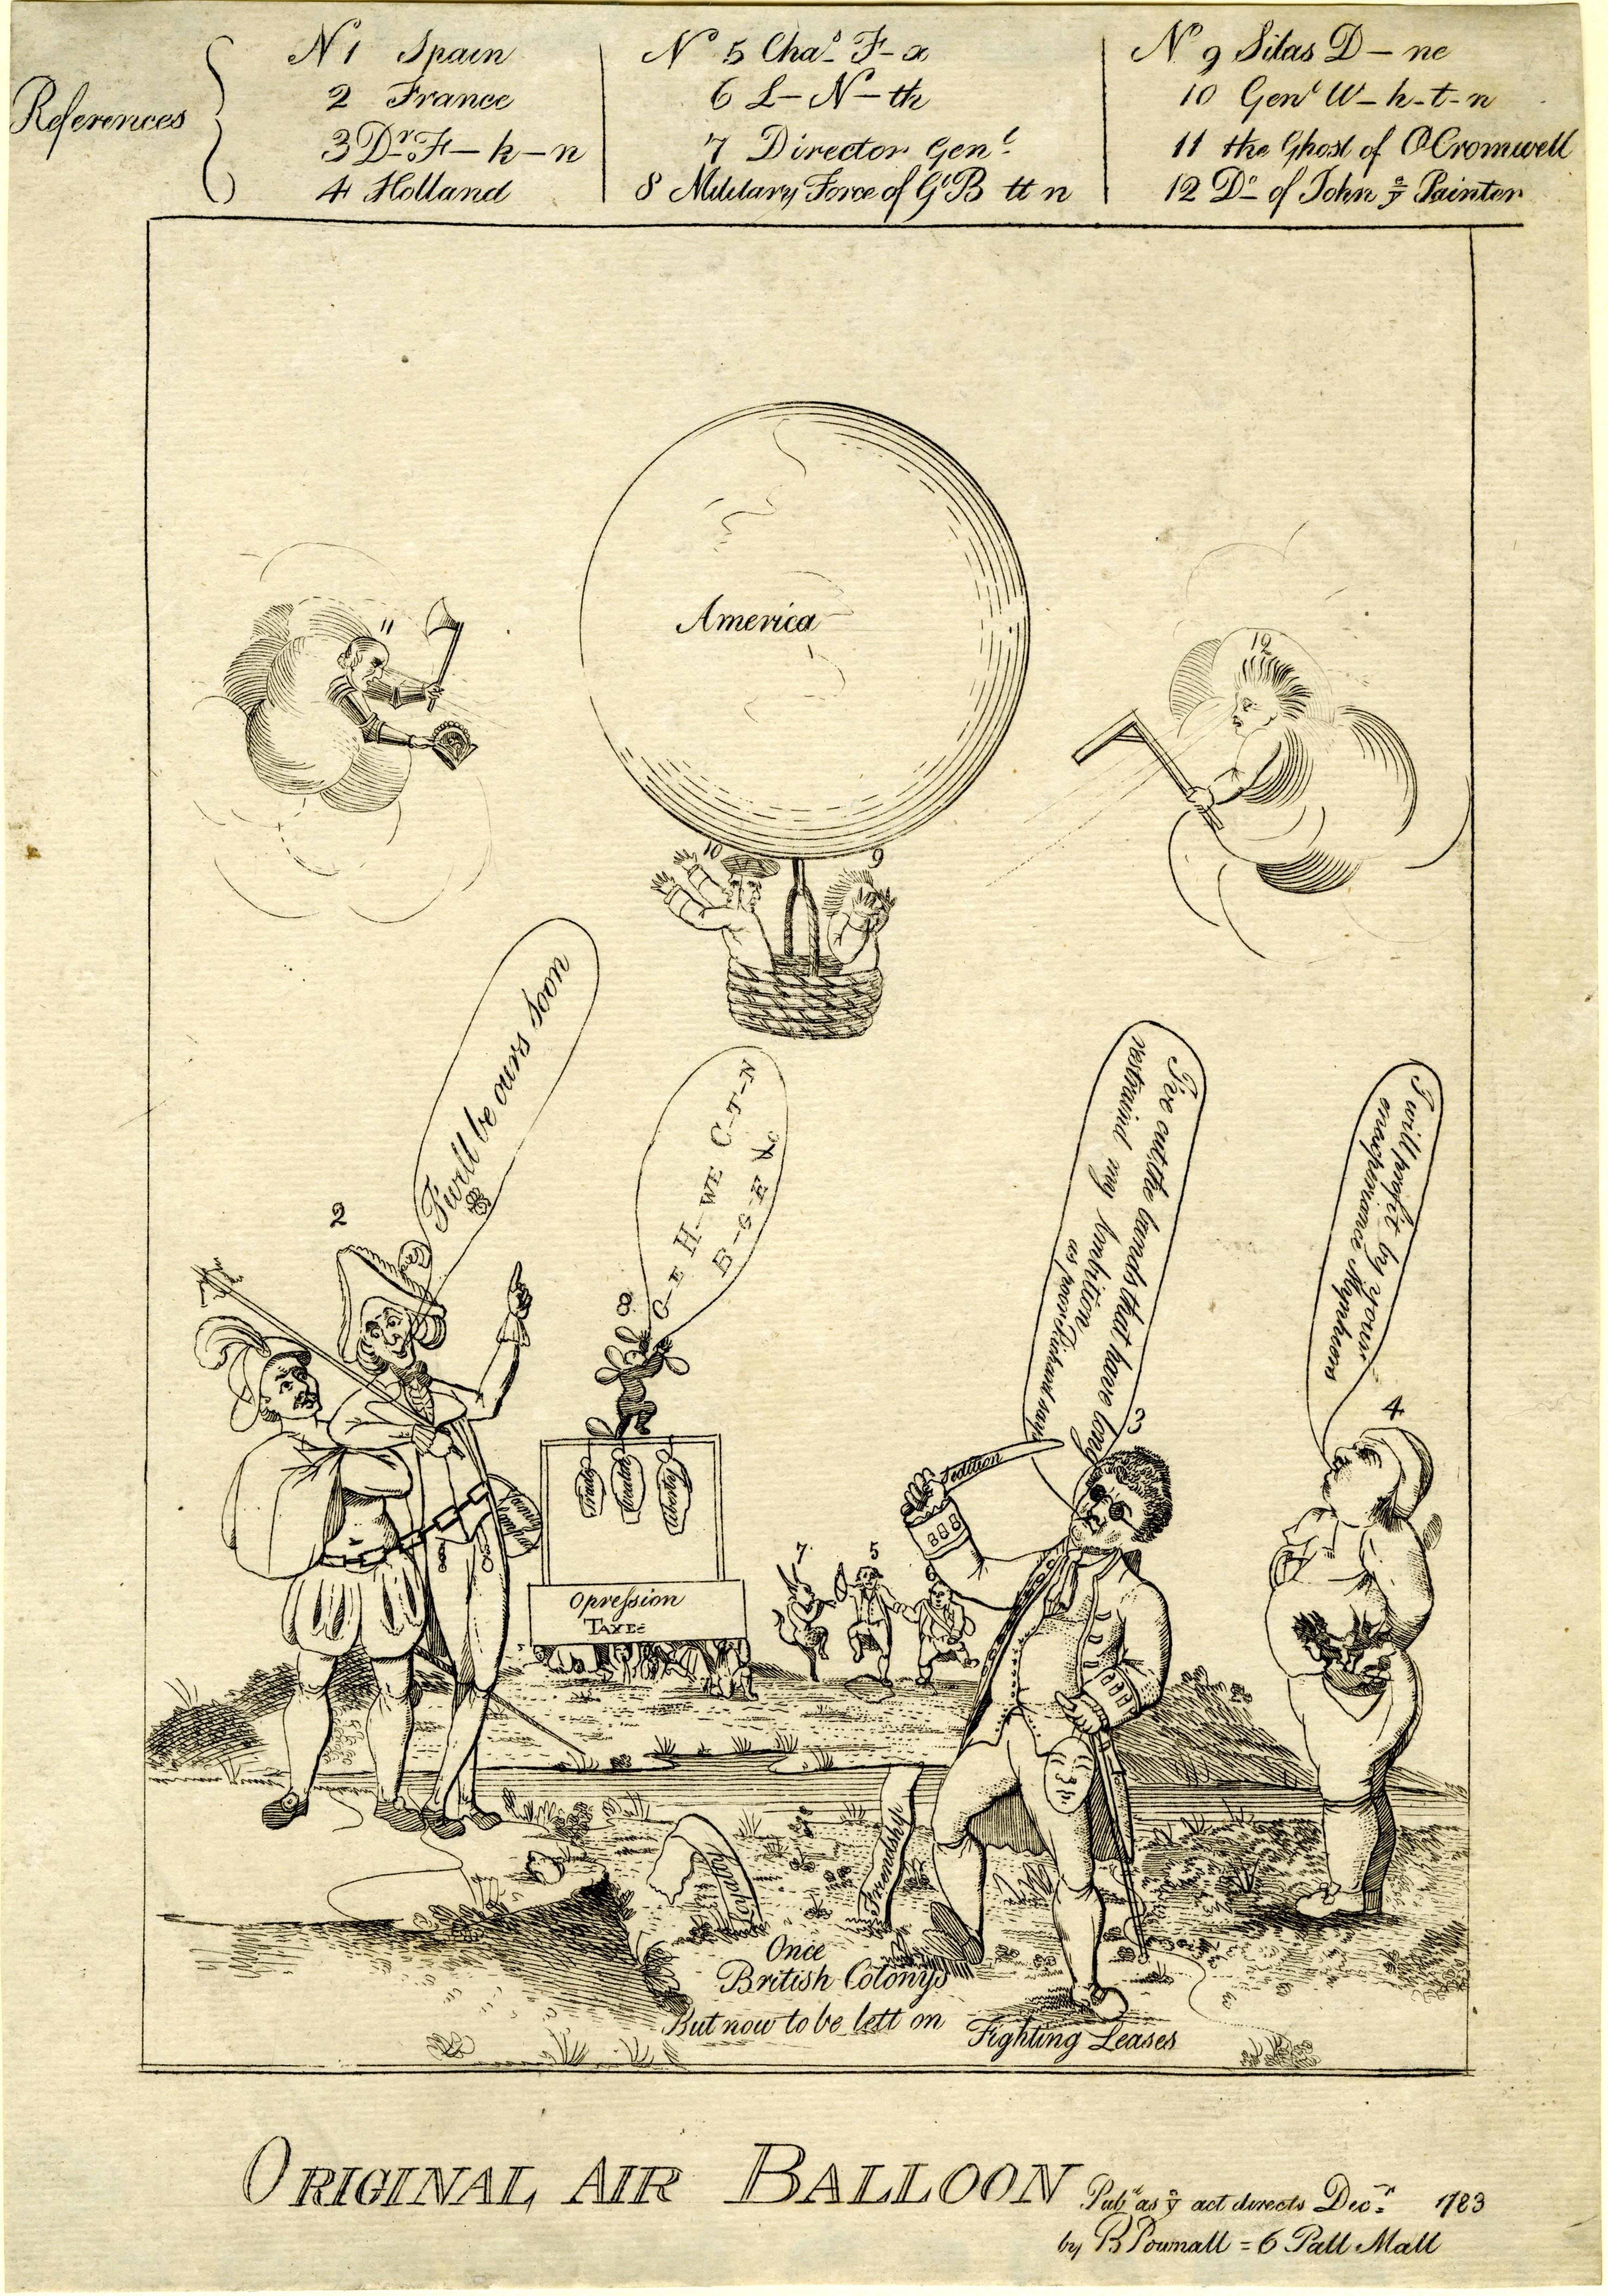 Original Air Balloon, London: B. Pownall, 1783